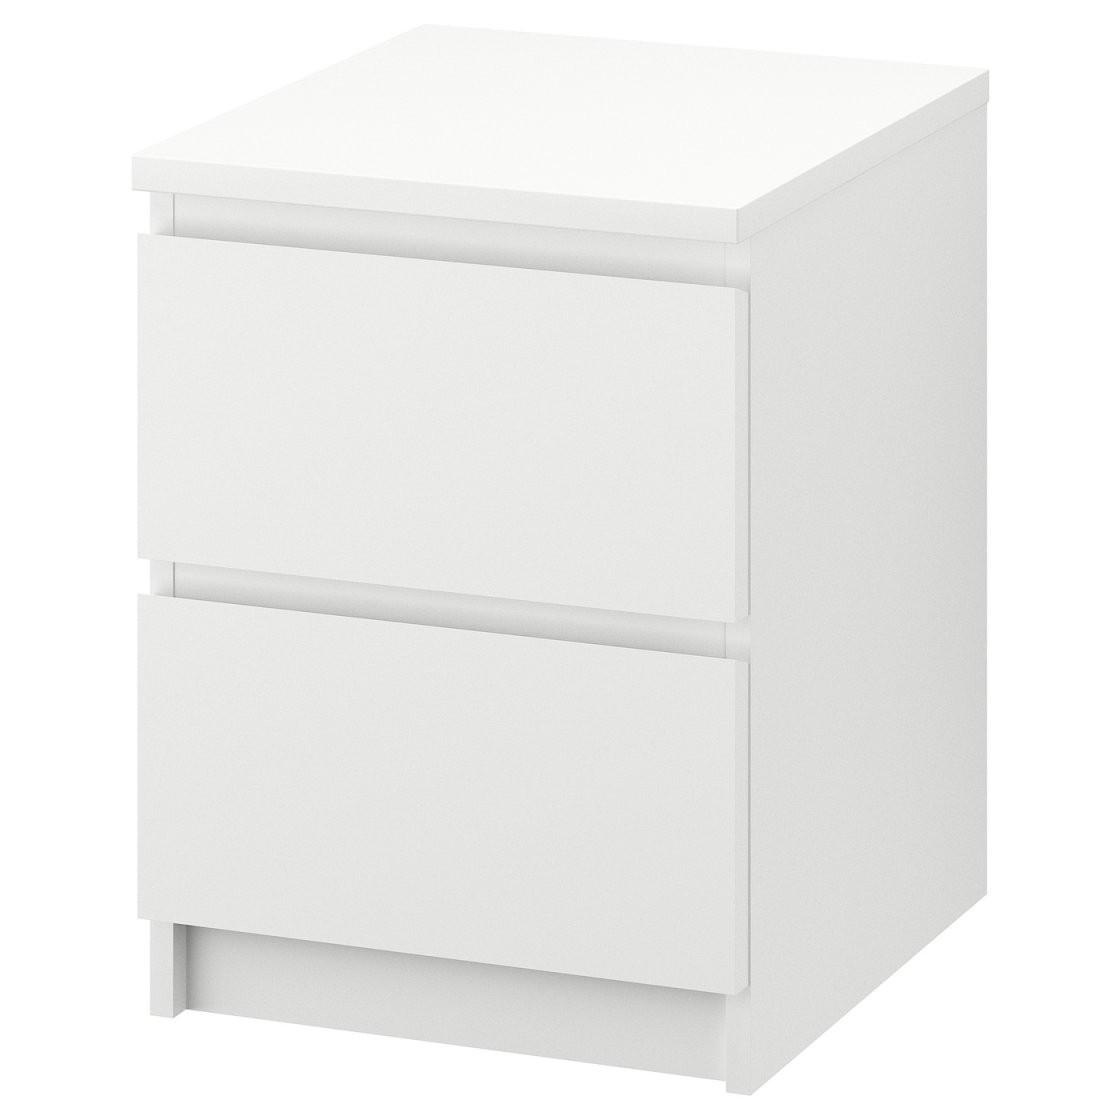 Malm Kommode Mit 2 Schubladen  Weiß  Ikea von Nachttisch Weiß Hochglanz Ikea Photo